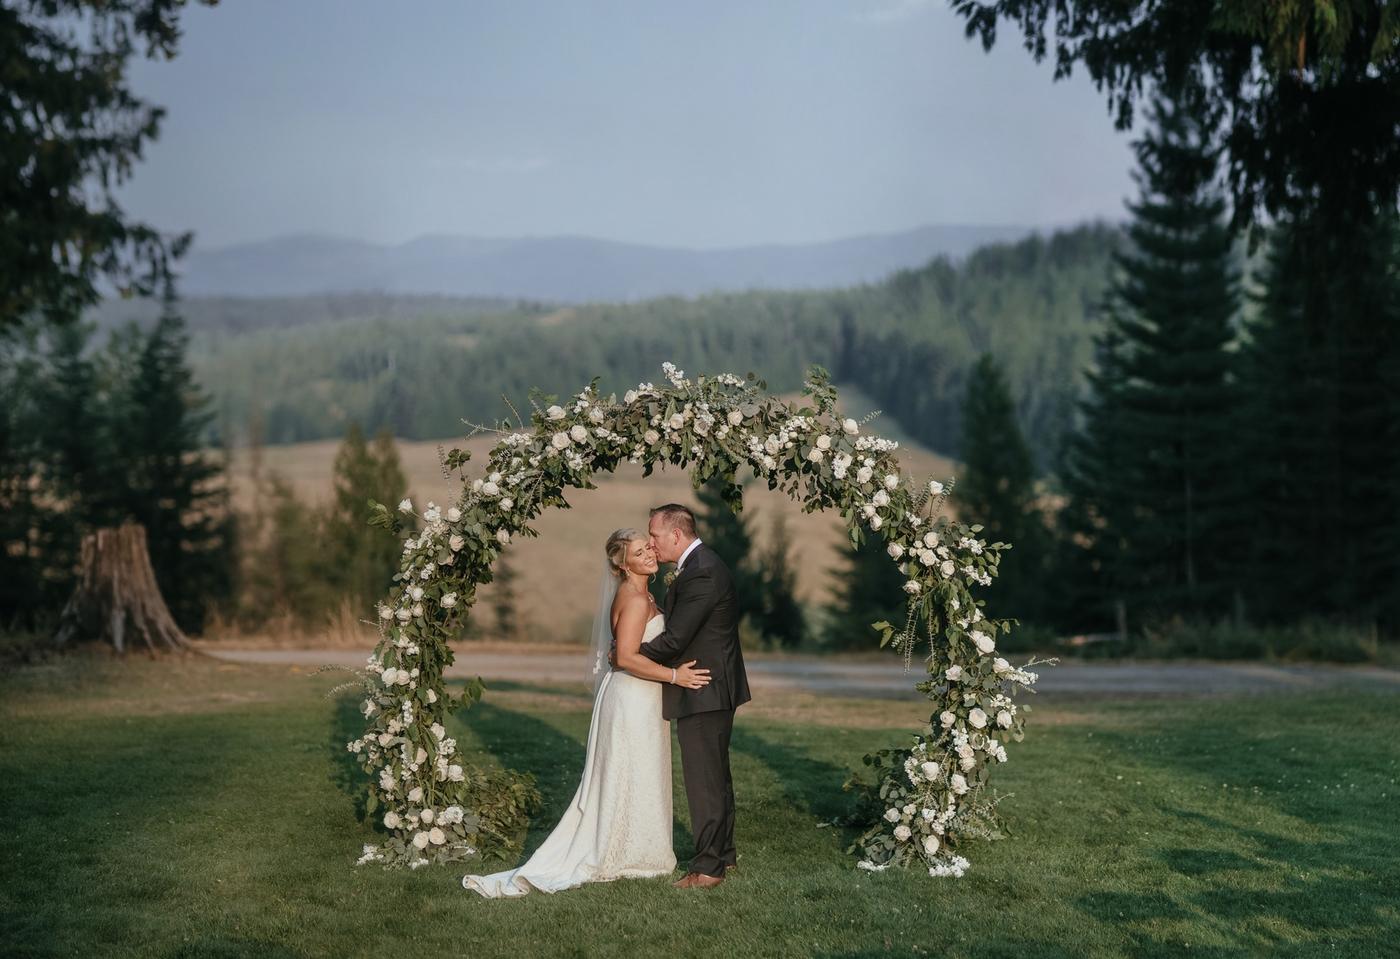 round ceremony arch wedding planning